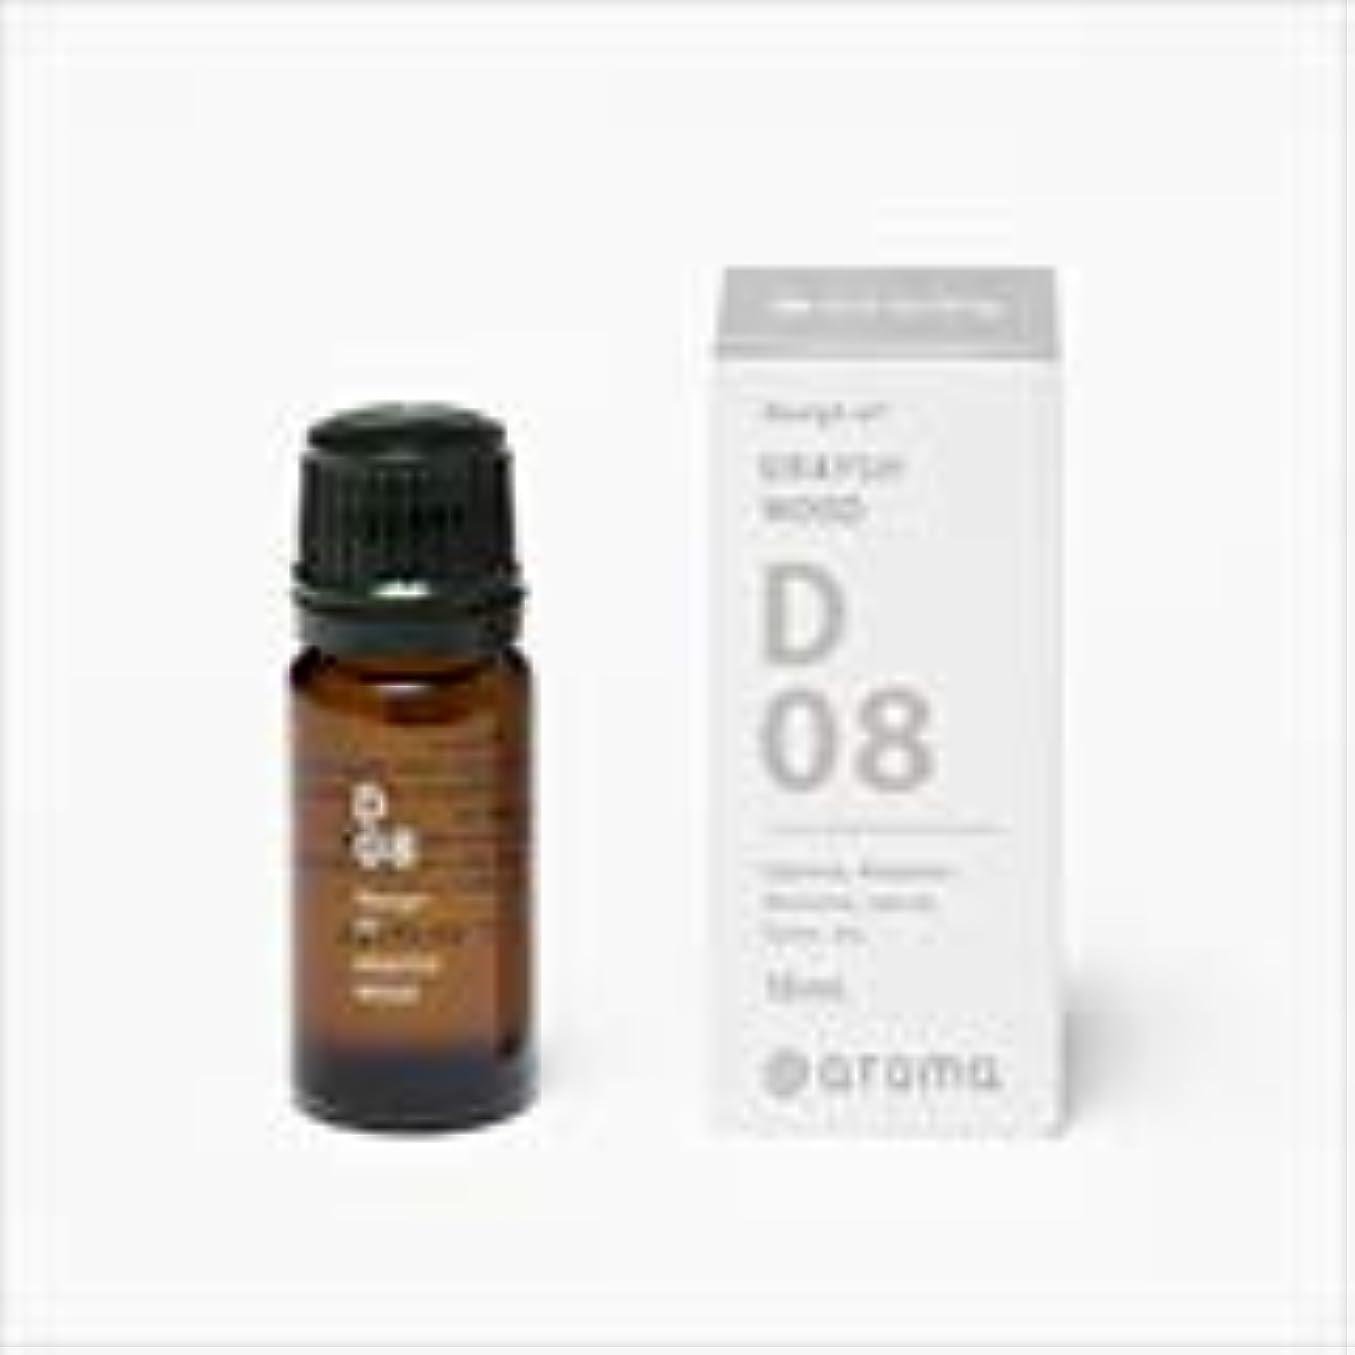 ガジュマルボイドアクチュエータアットアロマ 100%pure essential oil <Design air バニラベージュ>